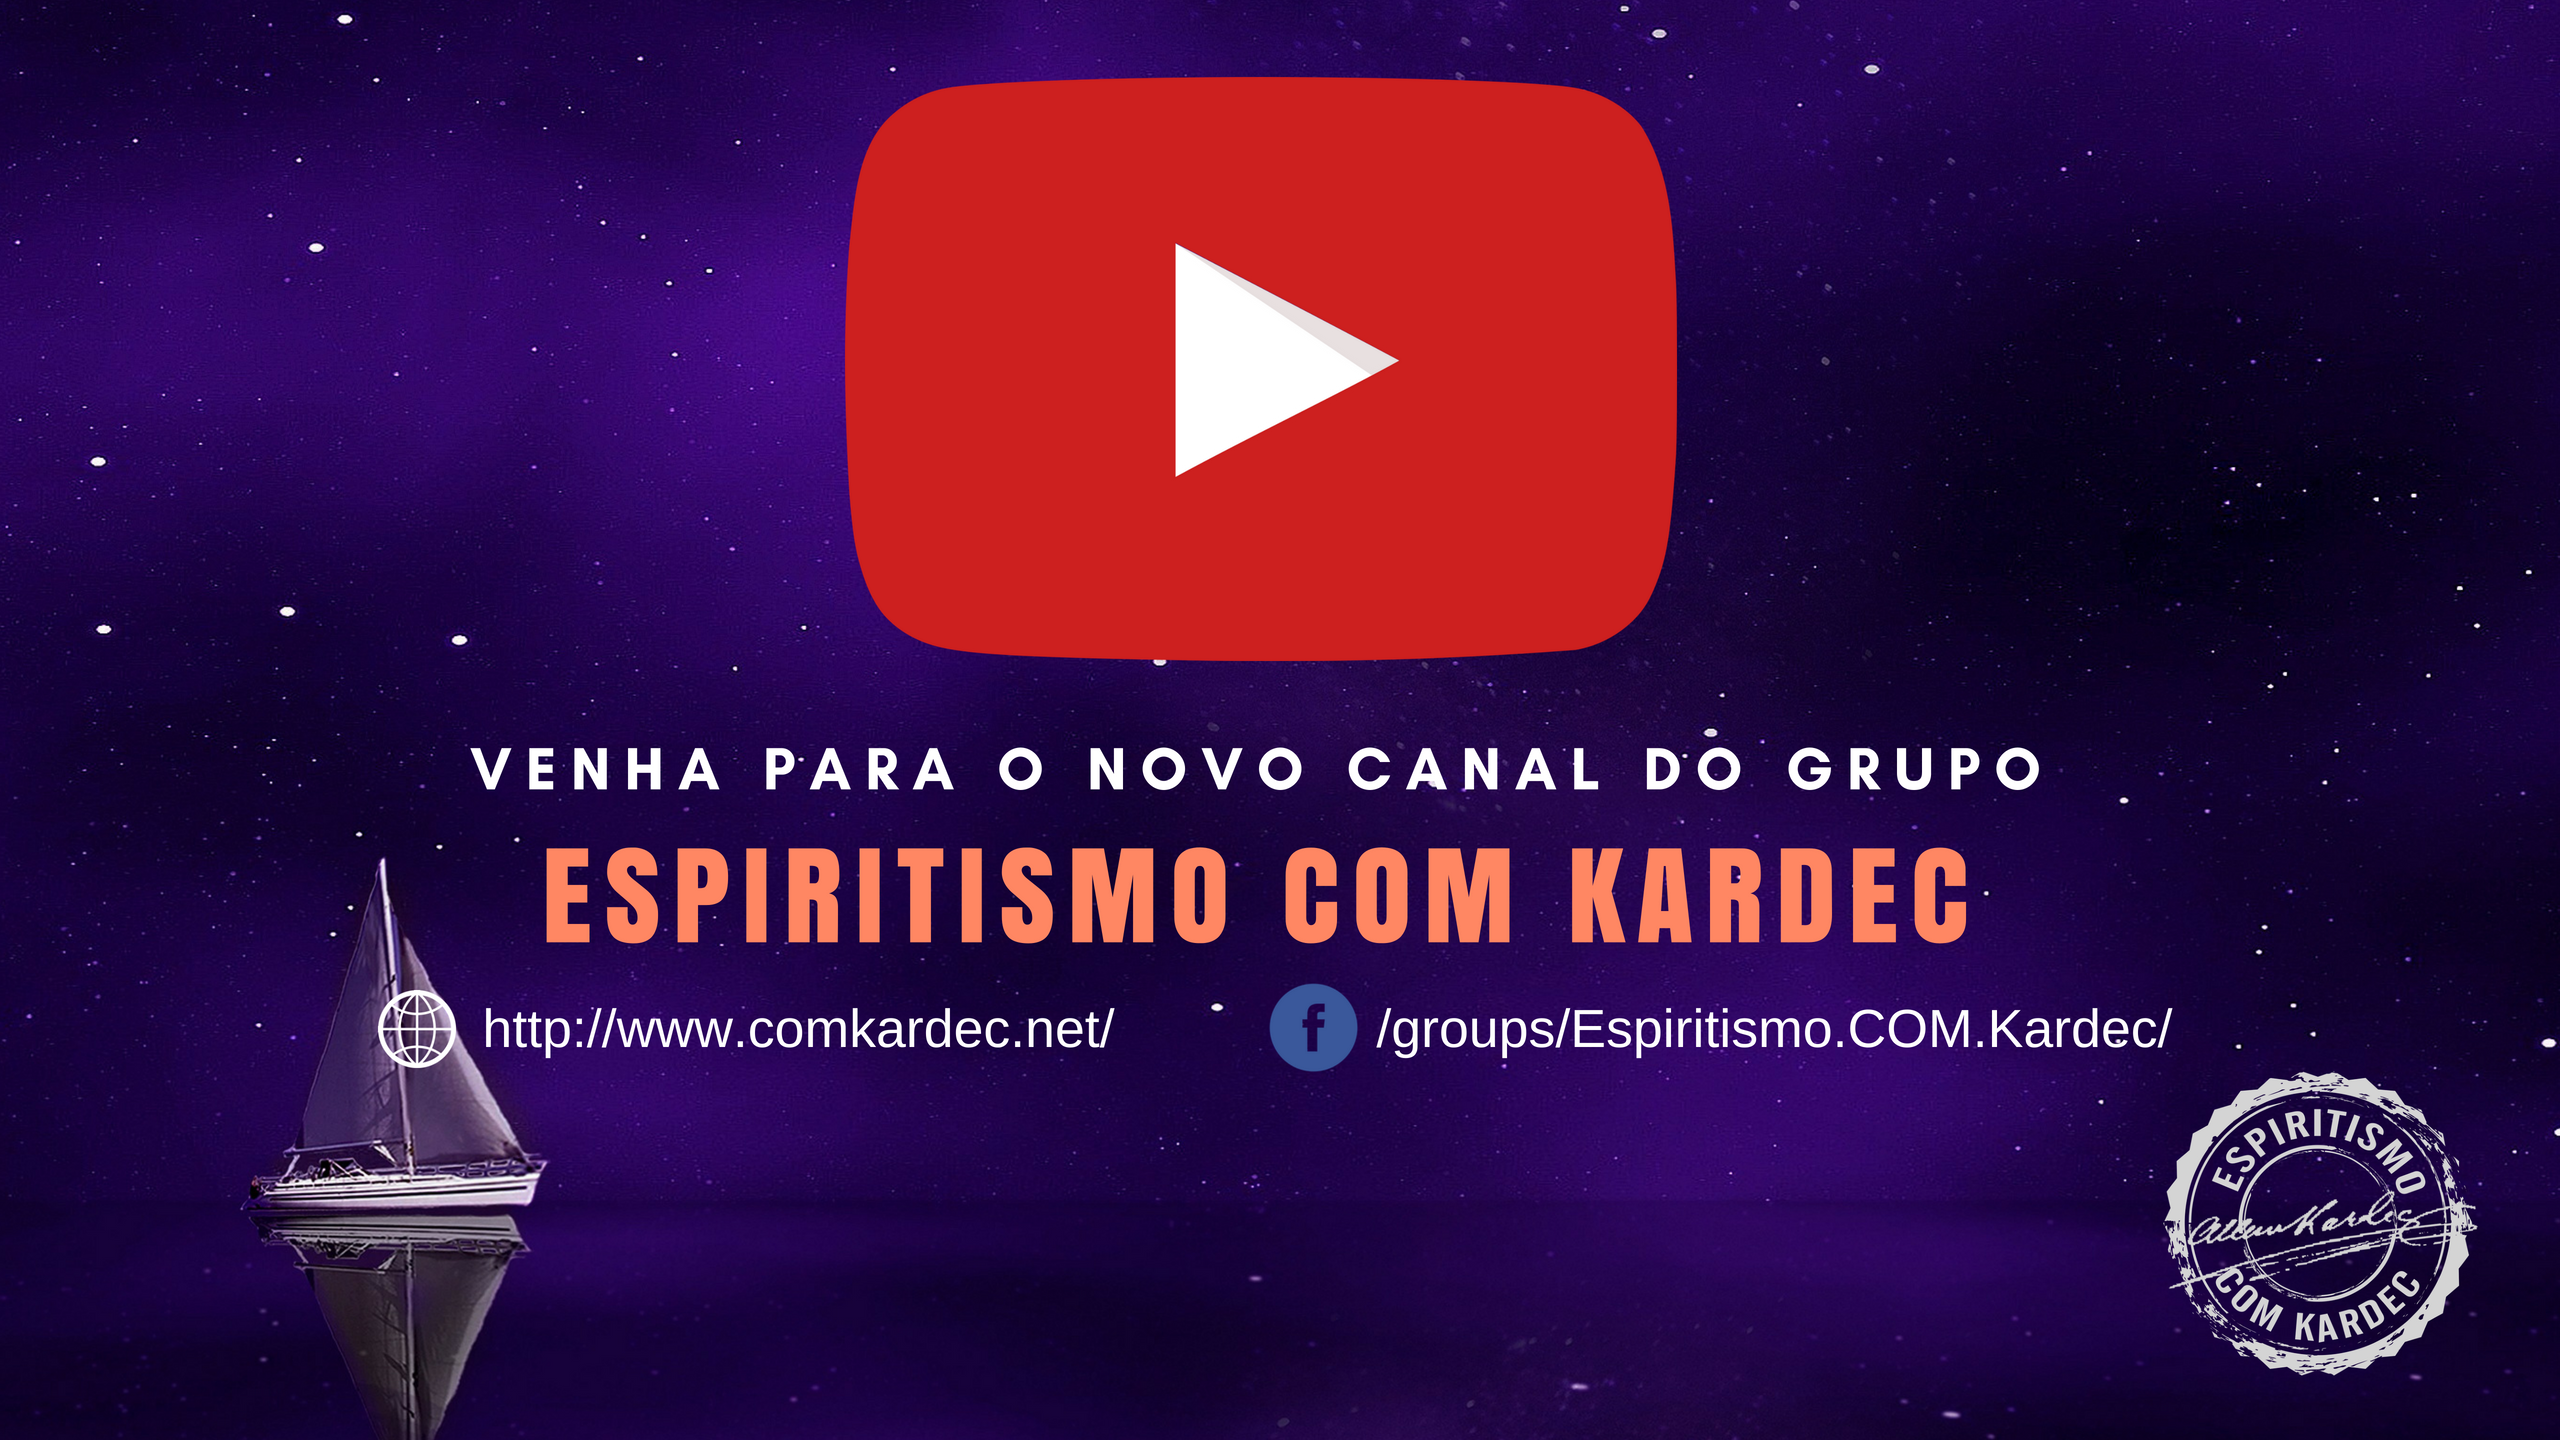 Venha para o Canal do Grupo Espiritismo Com Kardec